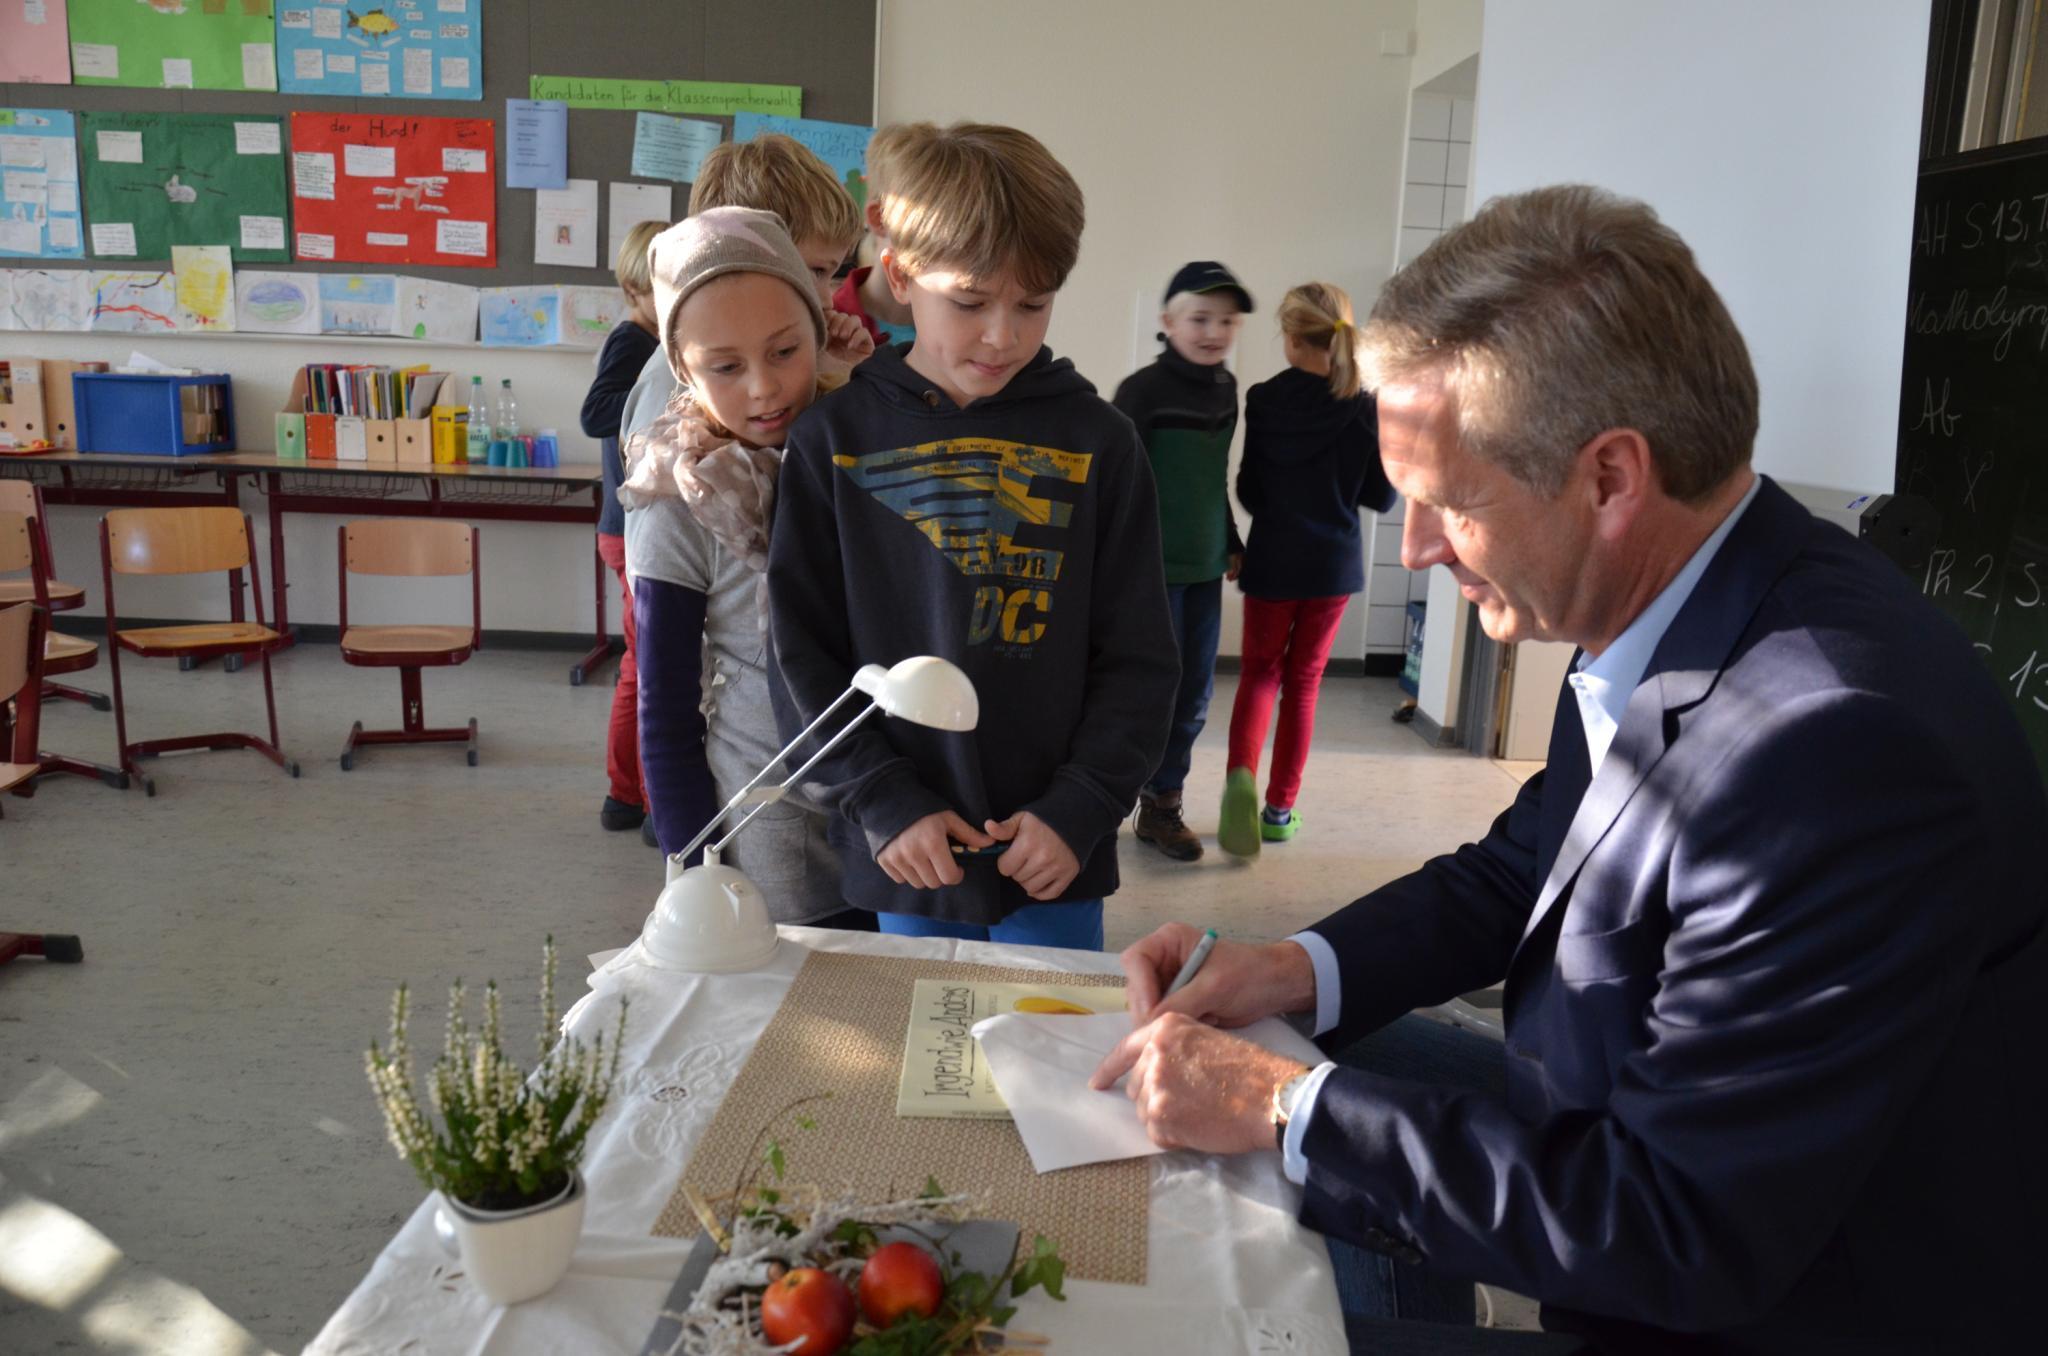 """Vergangene Woche las Christian Wulff Schülern in Kleinburgwedel vor und erklärte ihnen seinen Prozess so: """"Ich muss mich gegen Vorwürfe wehren, die nicht stimmen."""""""